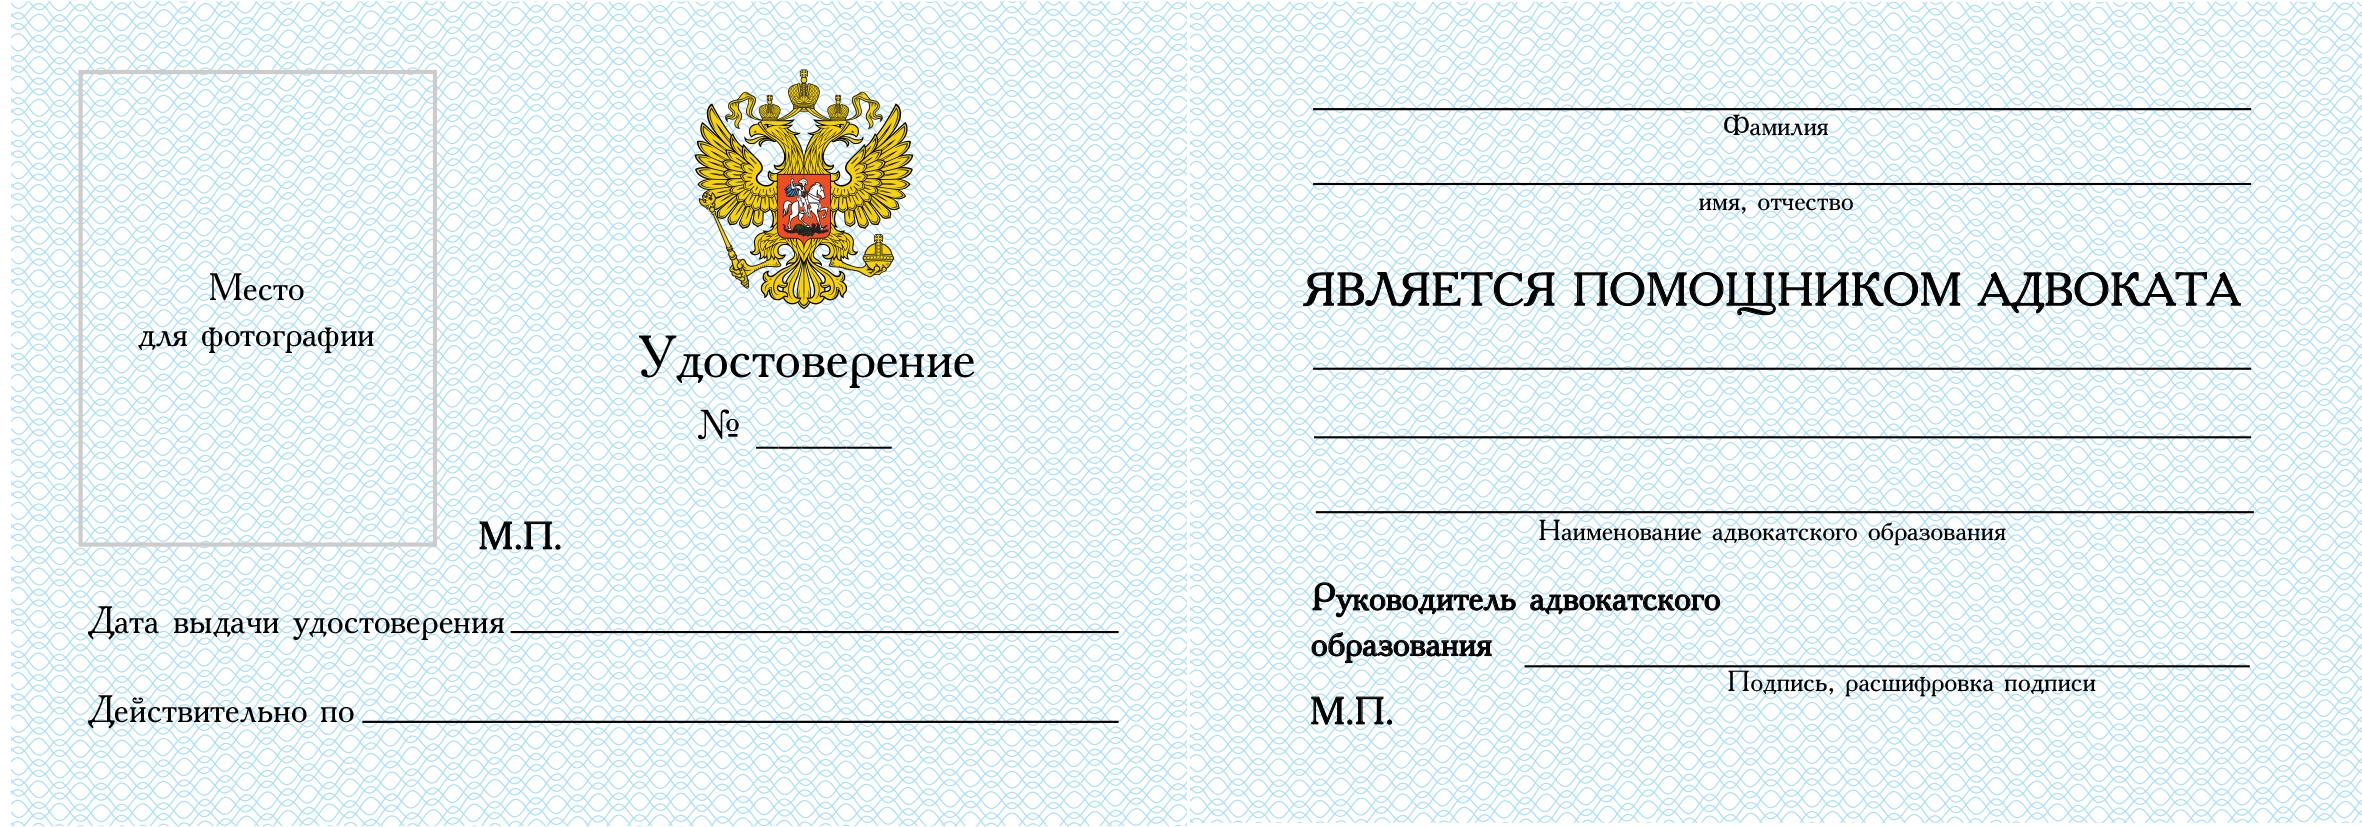 Удостоверение вставить фото